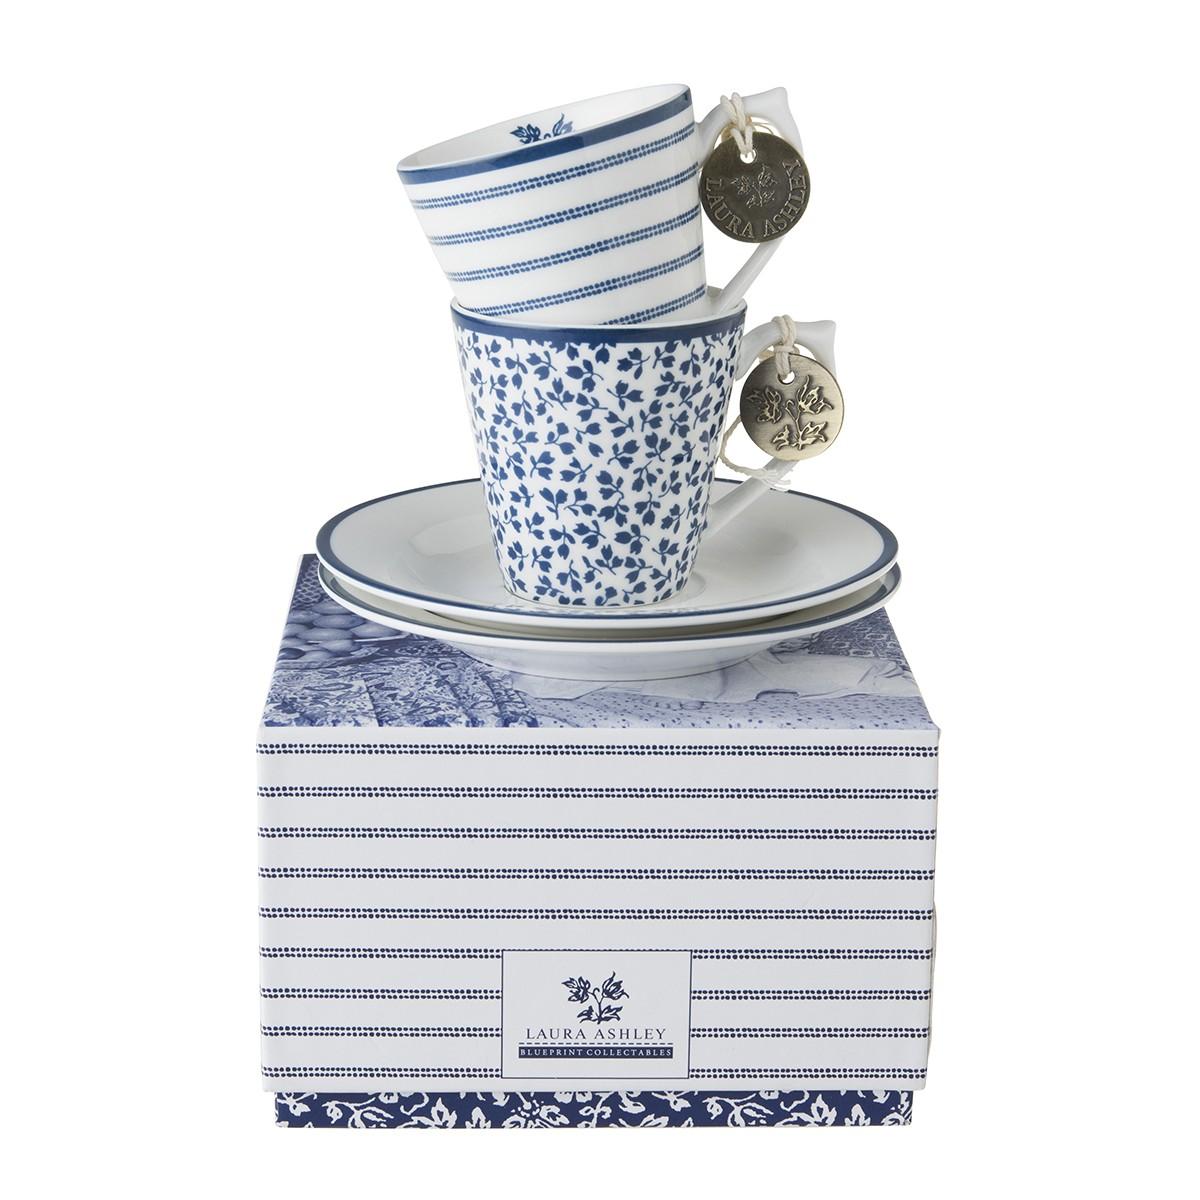 Φλίτζάνι Espresso Laura Ashley Σετ 2τμχ. Fine Bone China home   ειδη cafe τσαϊ   κούπες   φλυτζάνια